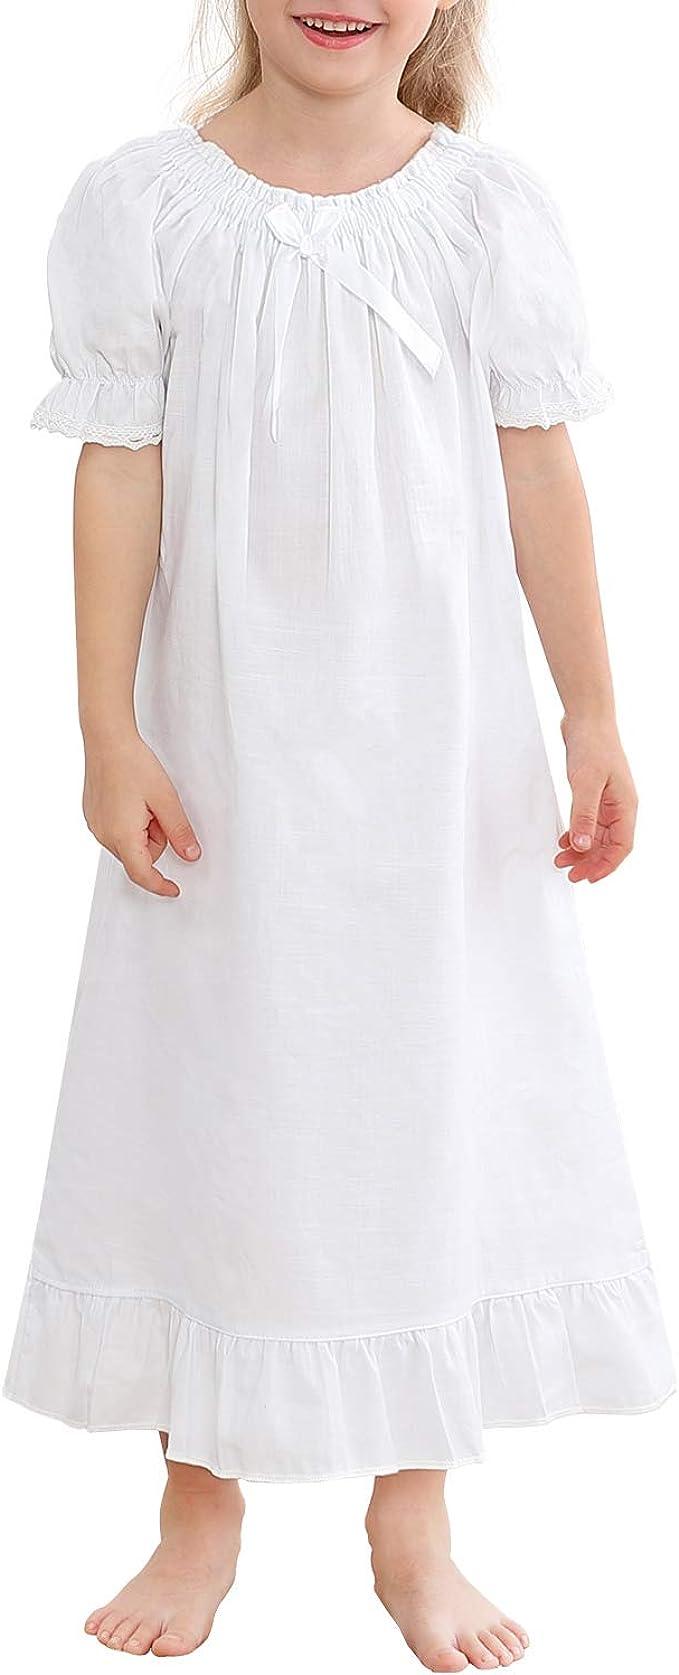 BOOPH Girls Nightgown Cotton Toddler Princess Short Sleeve Pajamas Dress